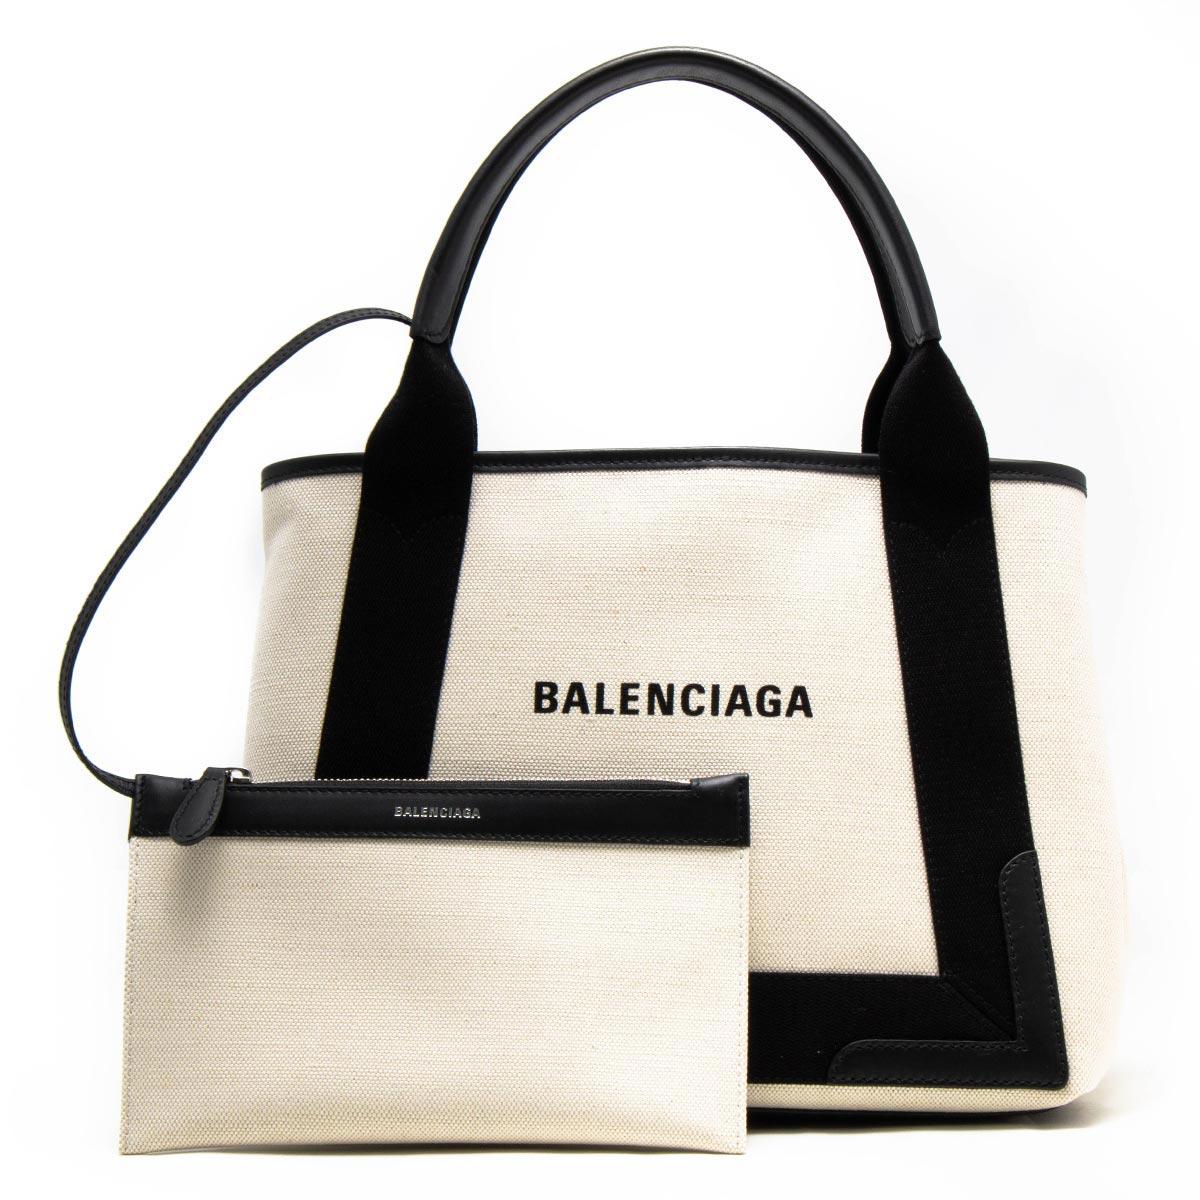 バレンシアガ トートバッグ バッグ レディース ネイビーカバス S ナチュラル&ブラック 339933 AQ38N 1081 BALENCIAGA バーゲン